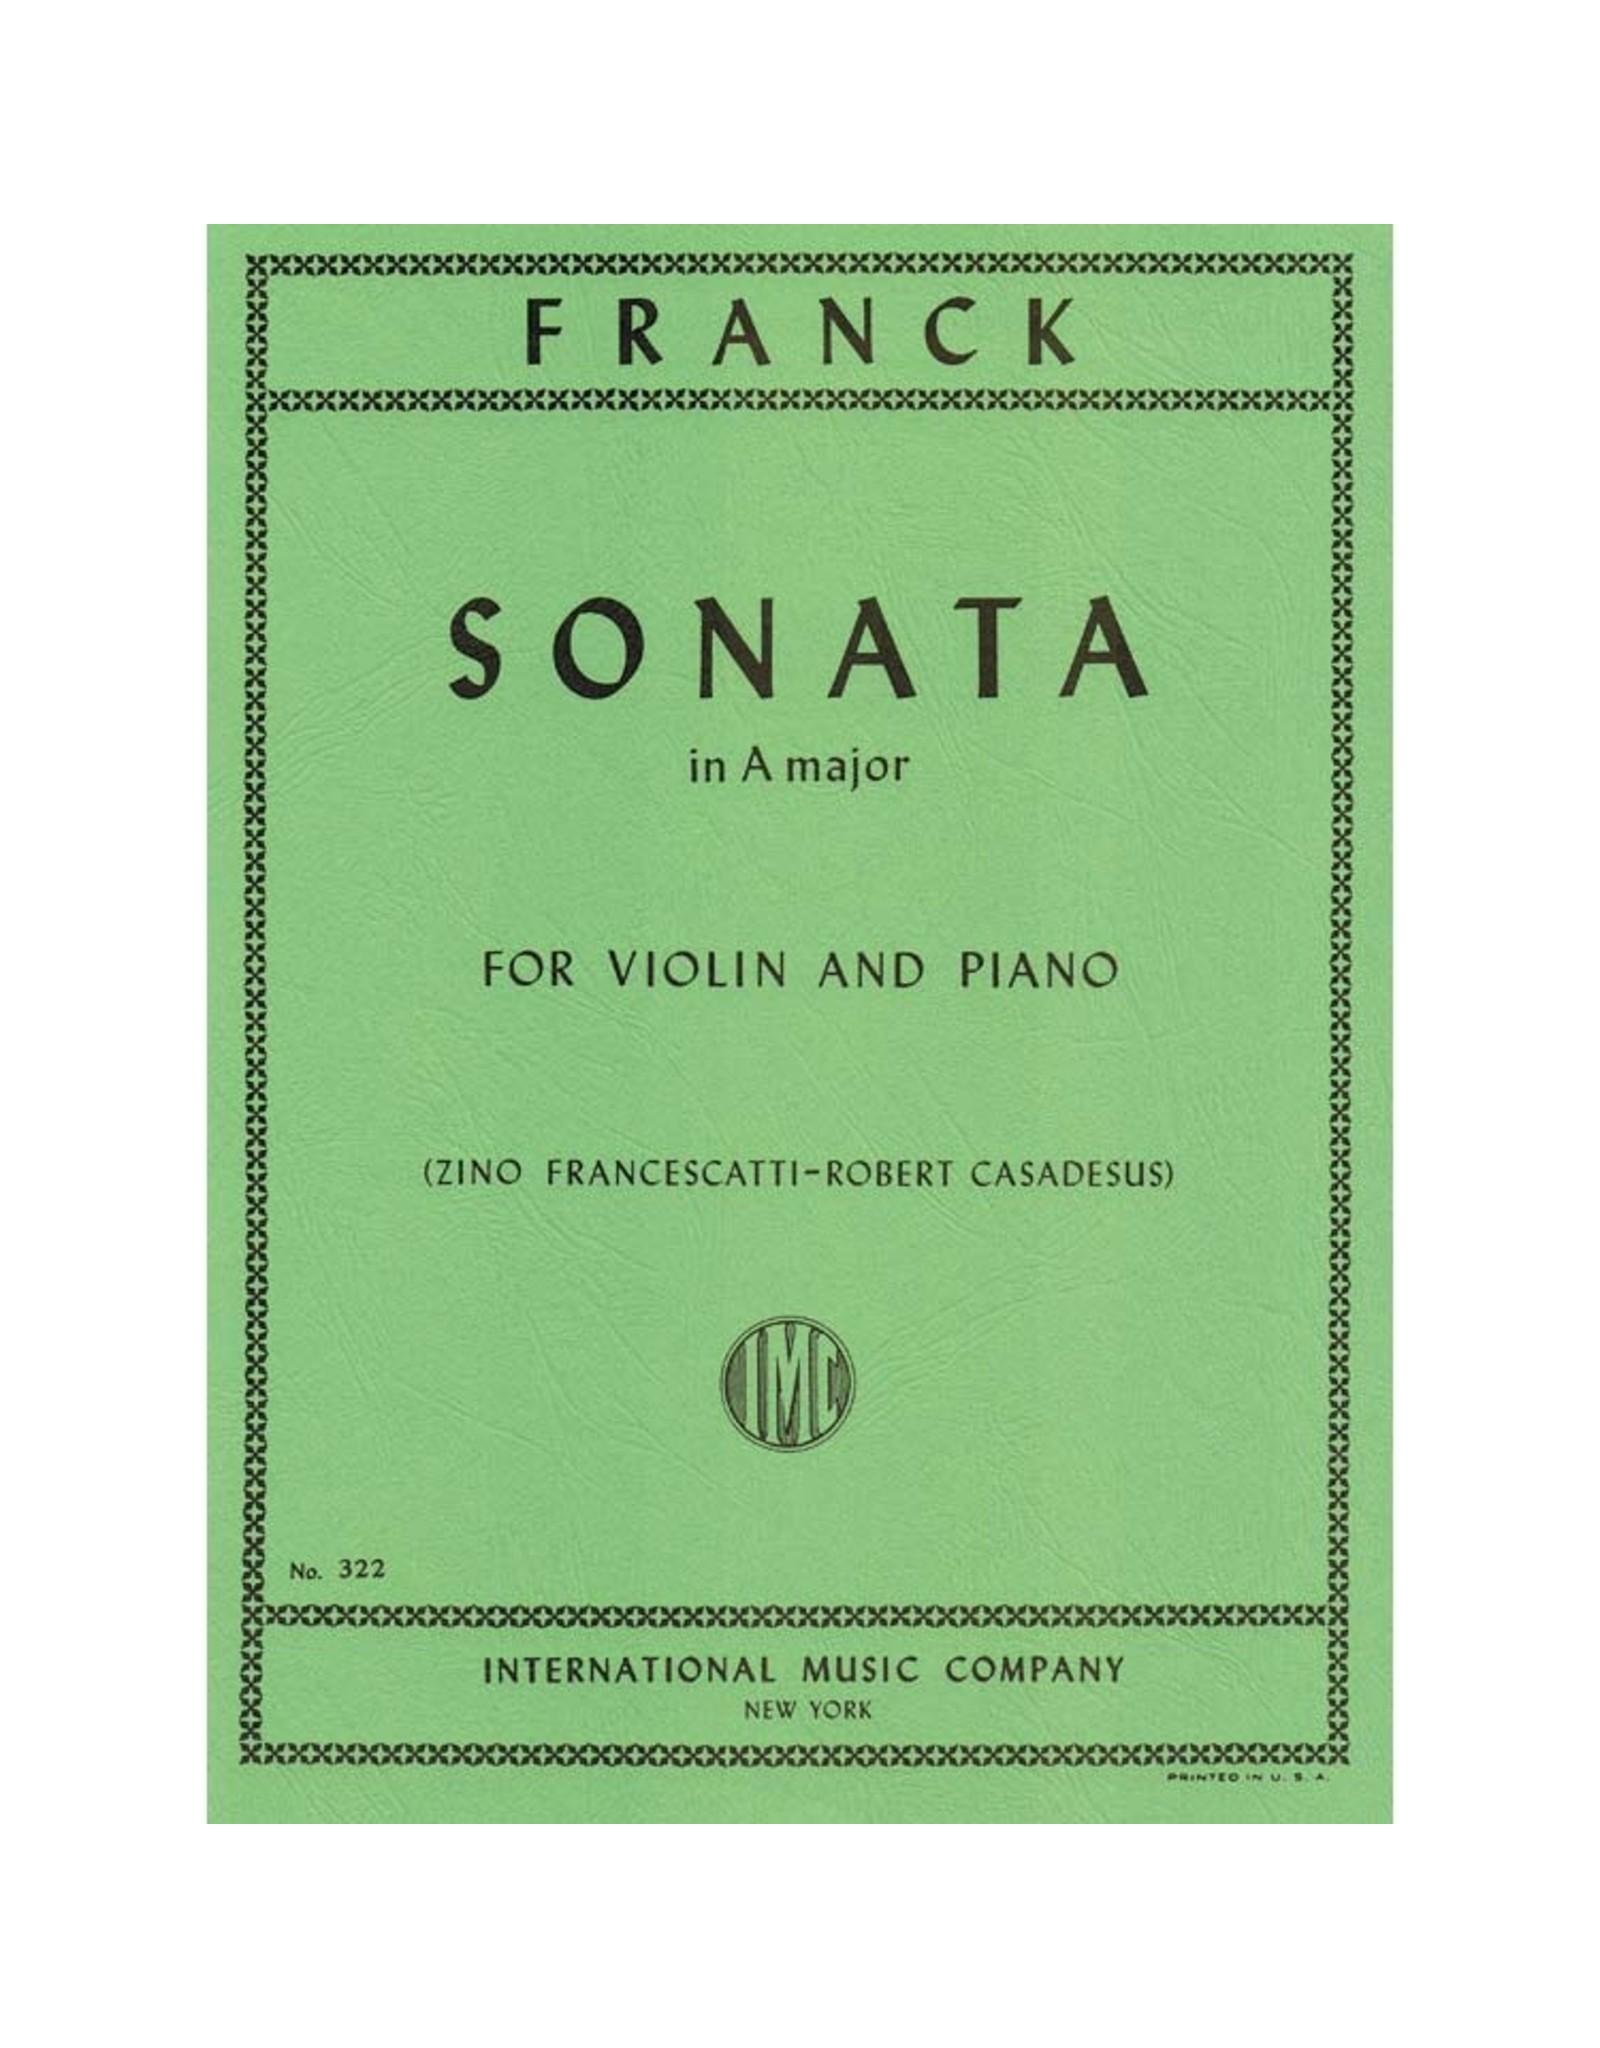 International Franck Sonata in A Major - Violin